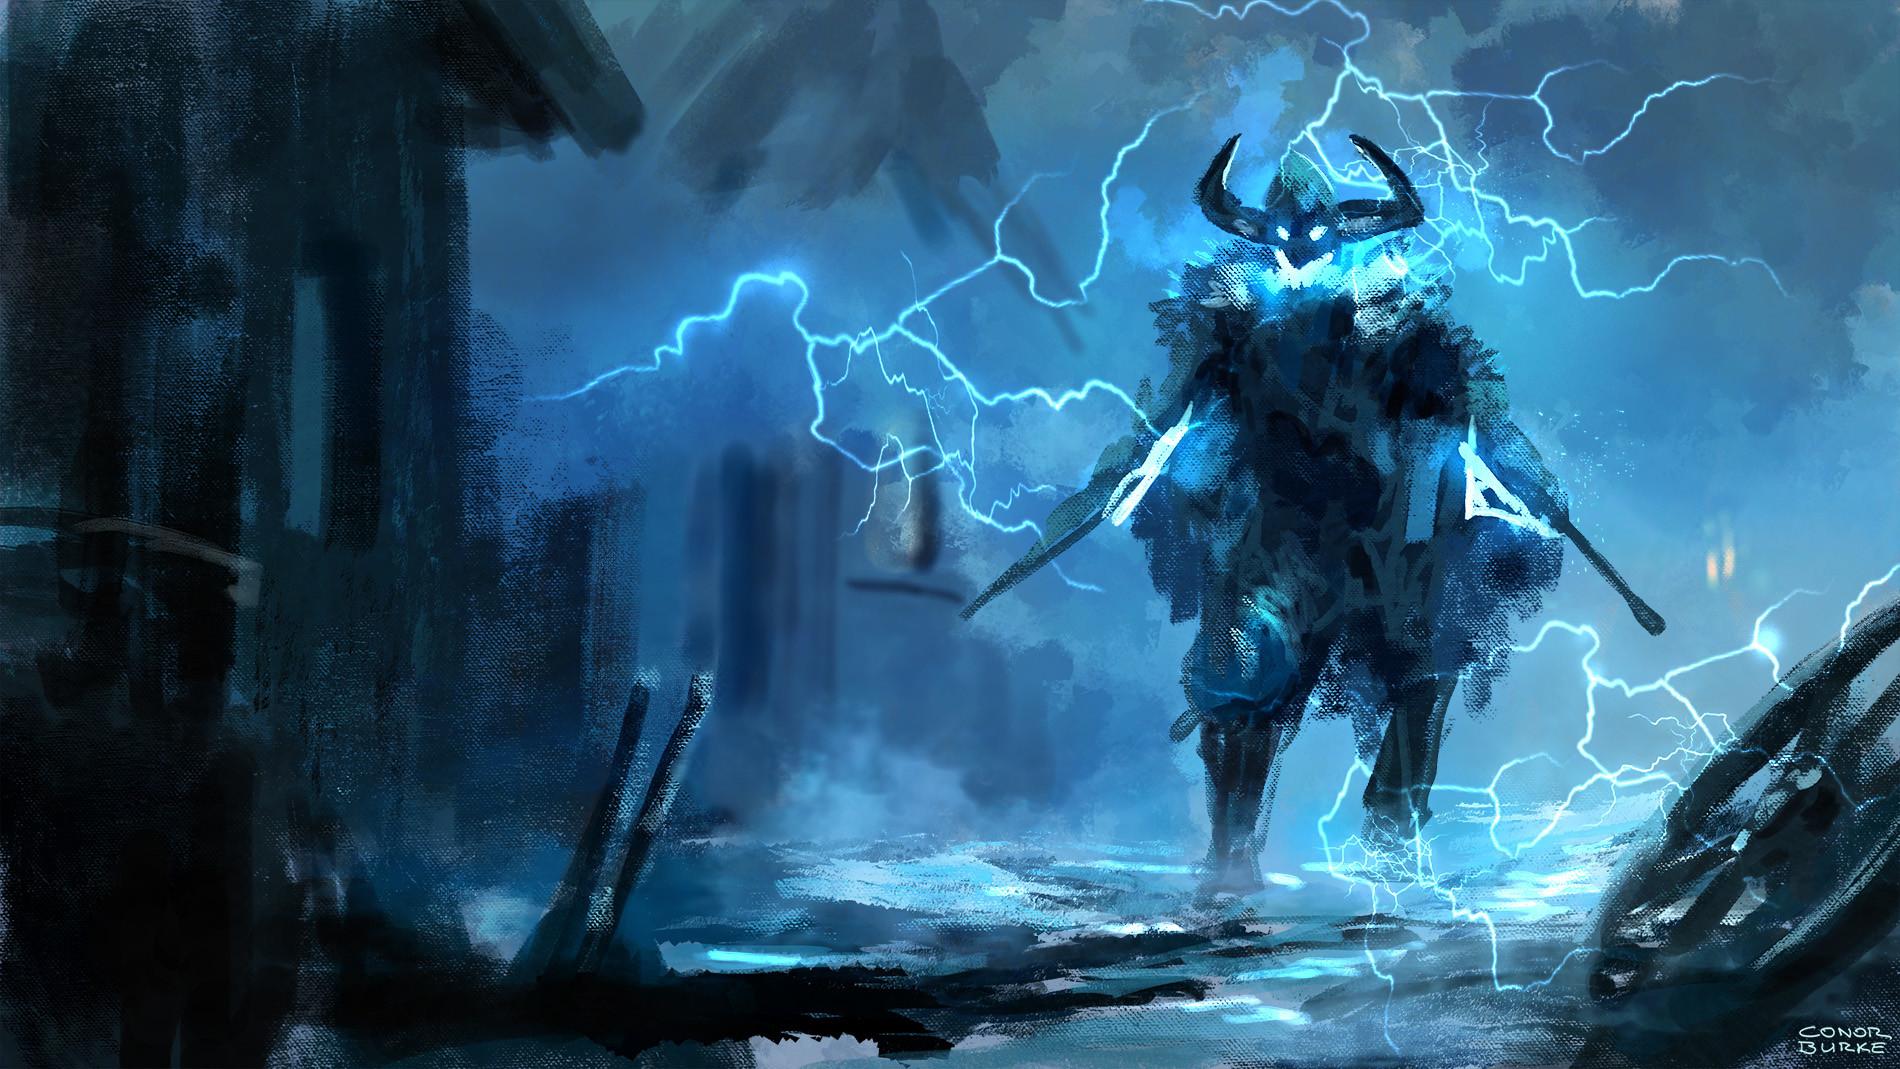 Conor burke thunderhex